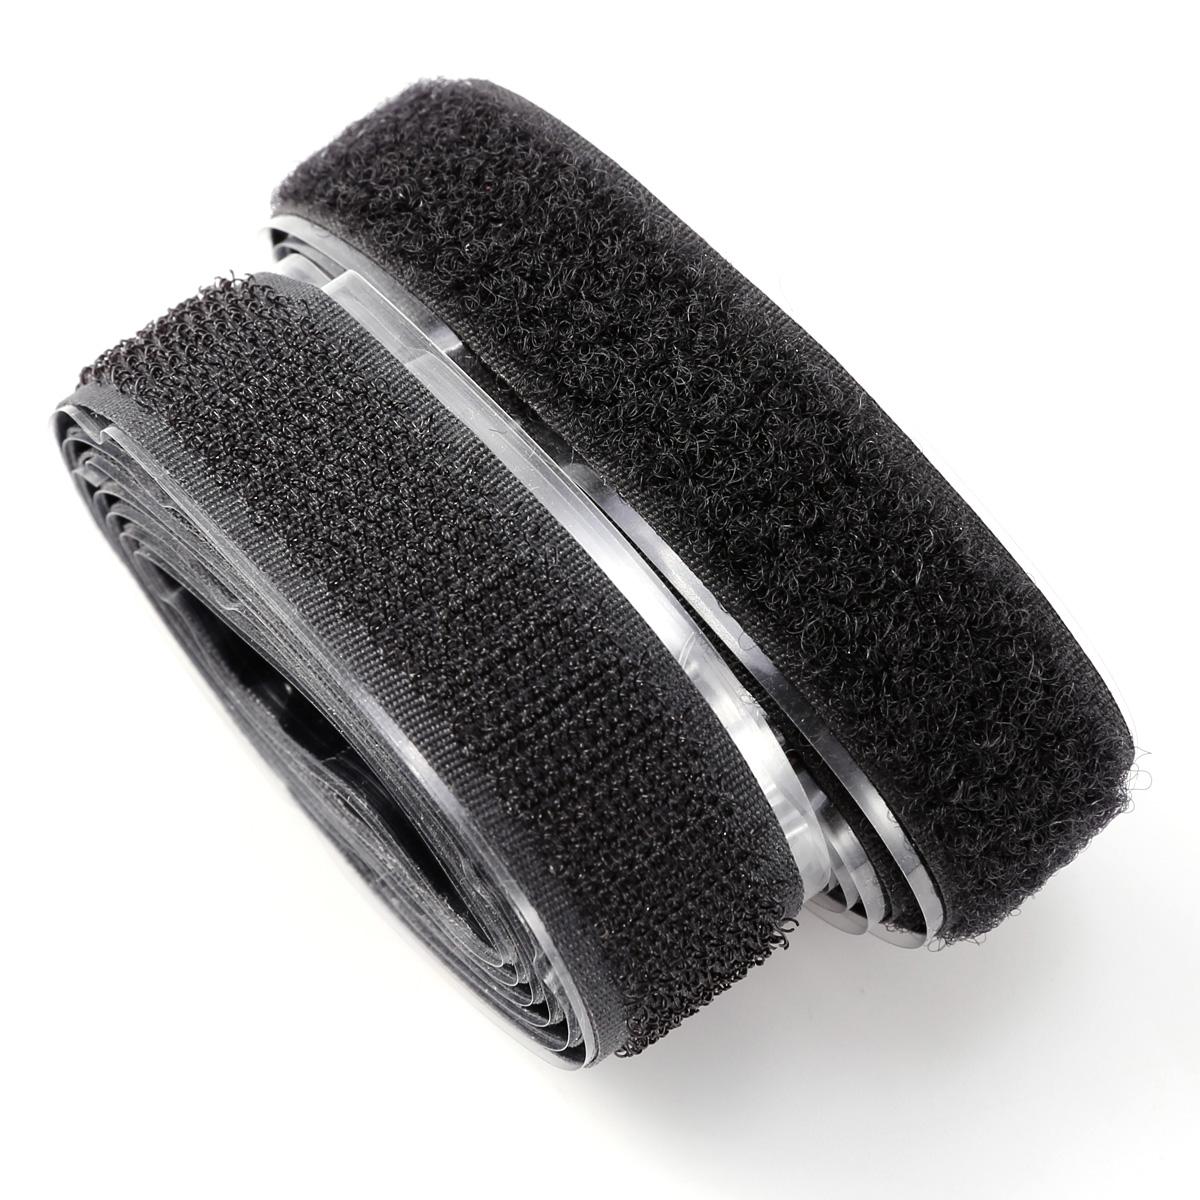 1 2 5m klettband hakenband flauschband klettverschluss selbstklebend ver breite ebay. Black Bedroom Furniture Sets. Home Design Ideas